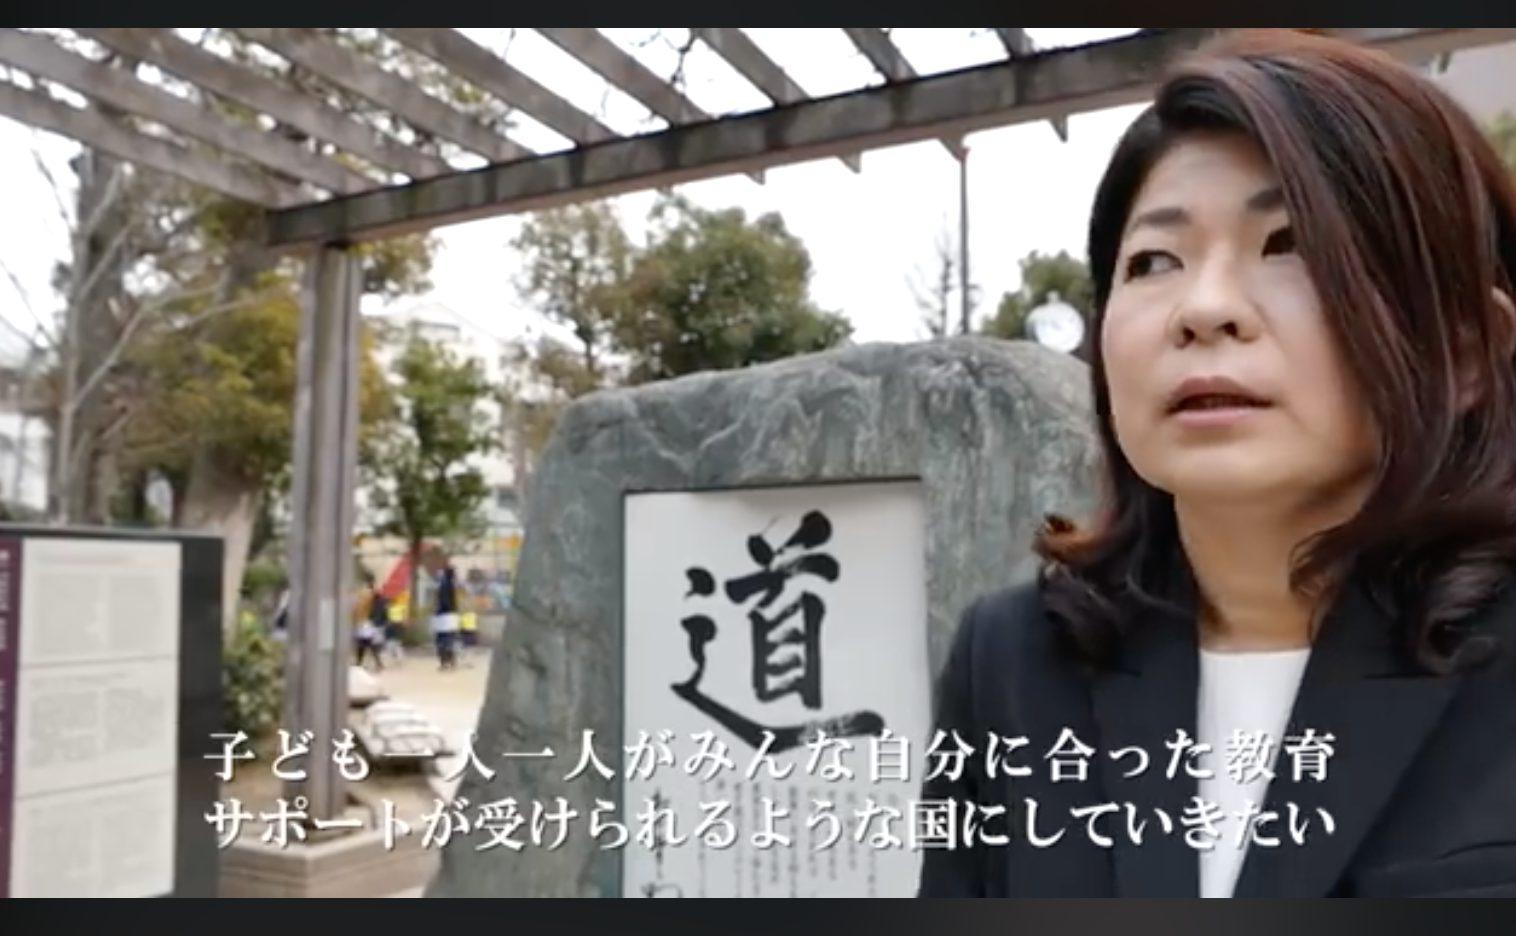 代表理事 白井 智子の松下政経塾「卒塾生アーカイブス」インタビュー動画が公開されました